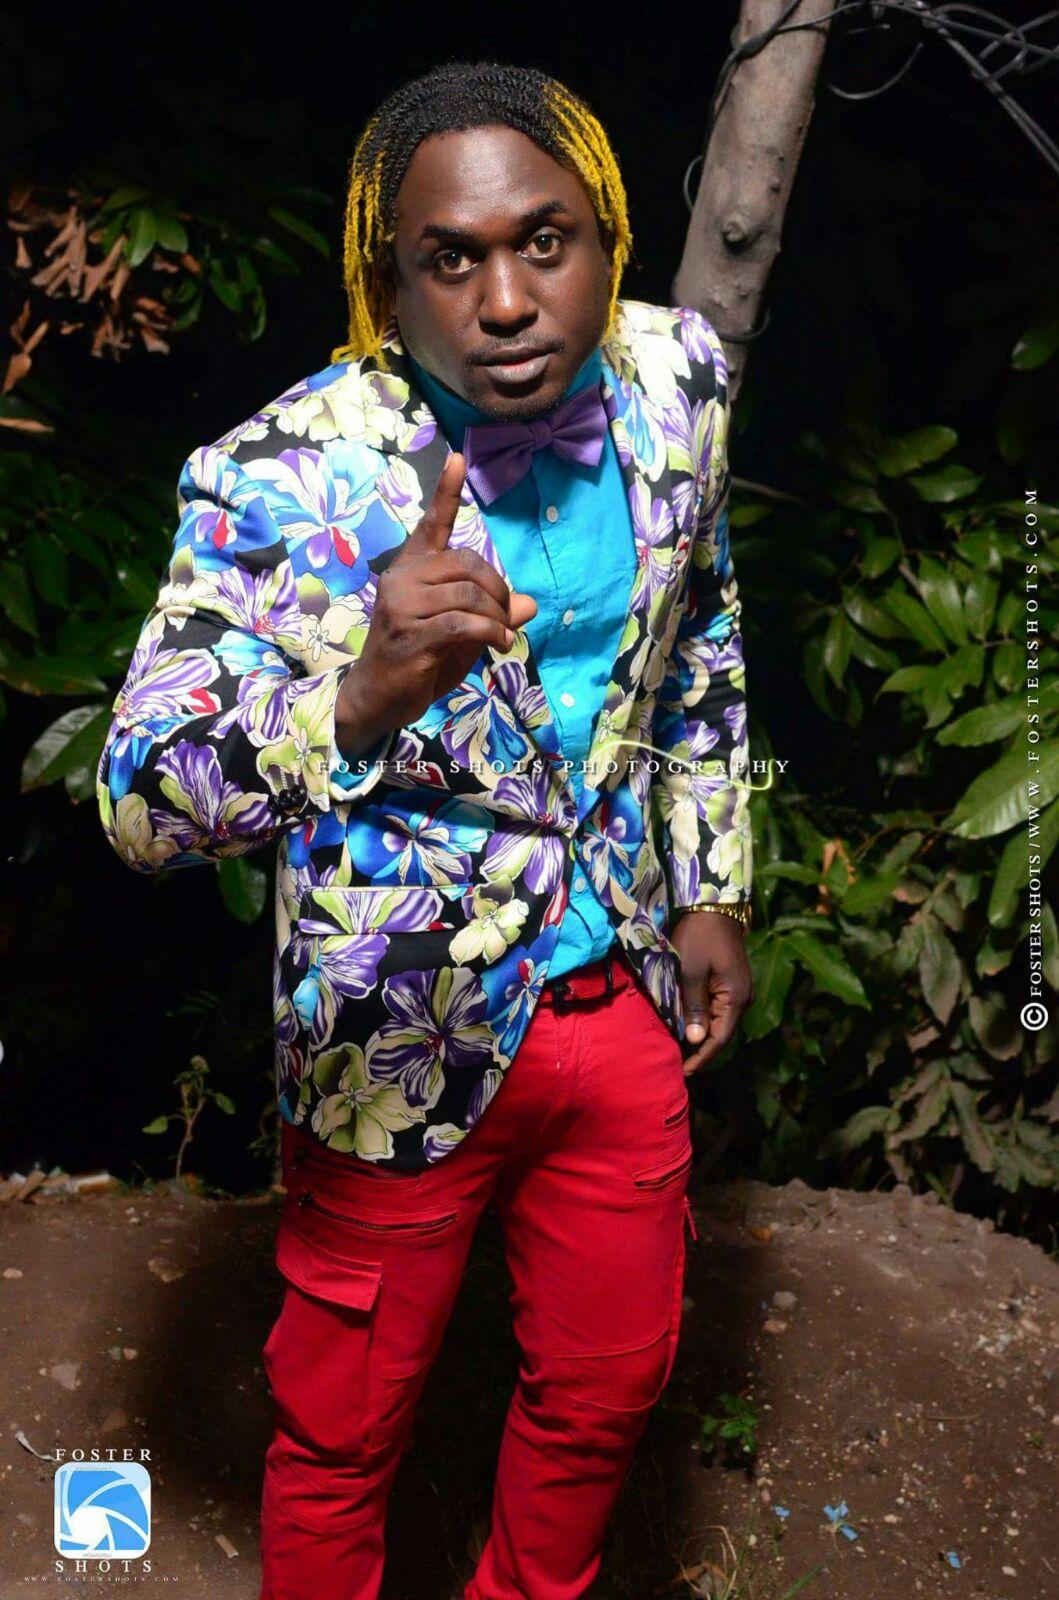 Dancehall artist WASP